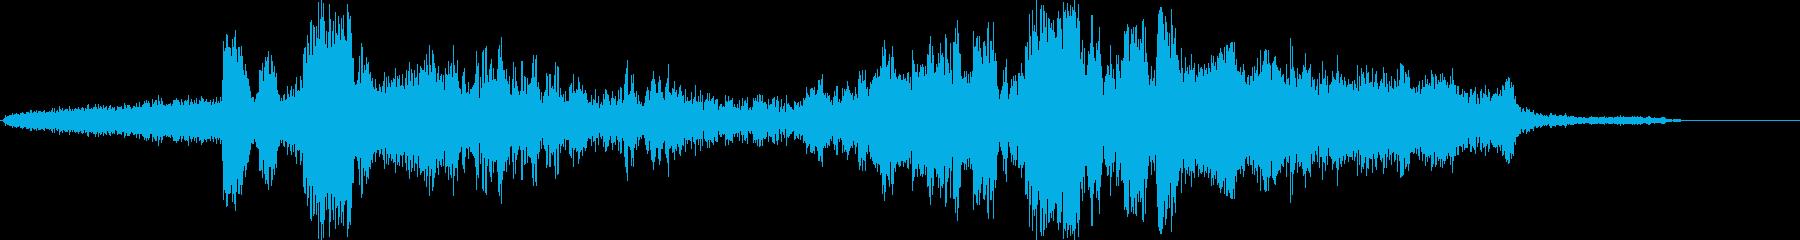 静的変化、小さなモーフ、データシフ...の再生済みの波形